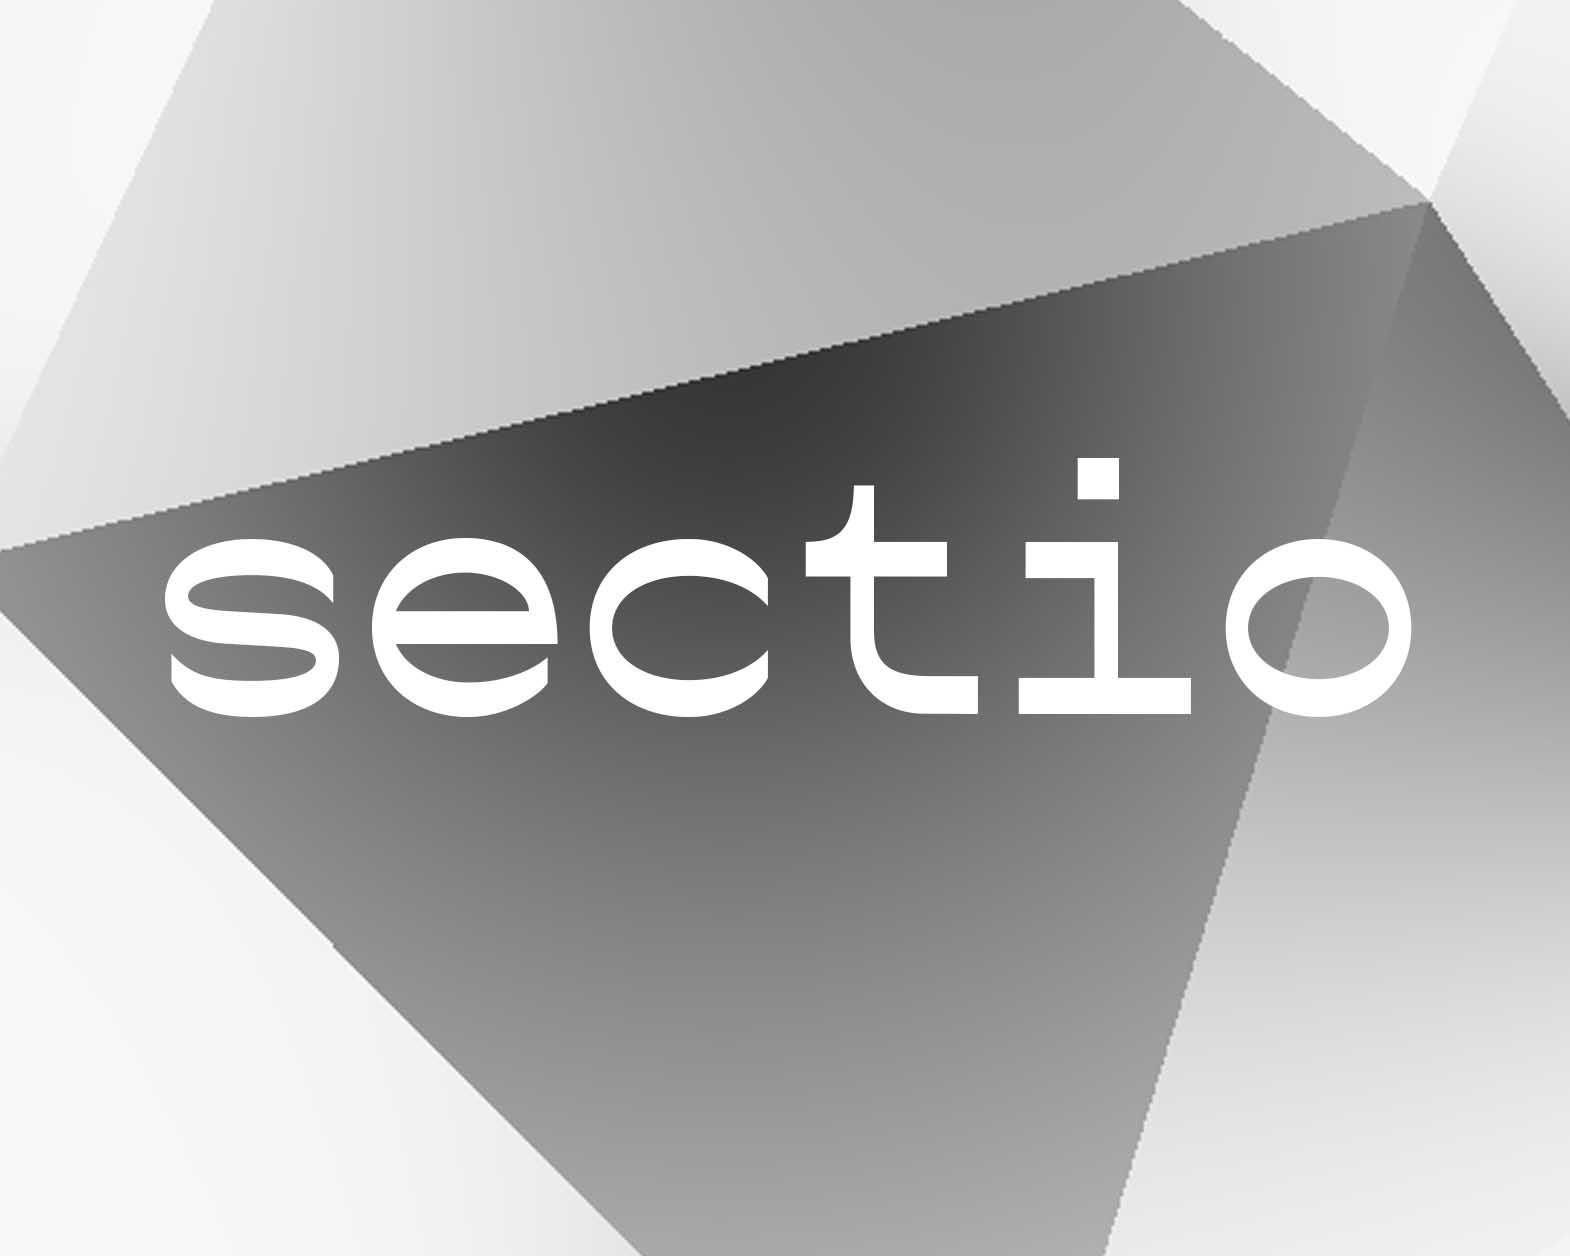 Sectio mono